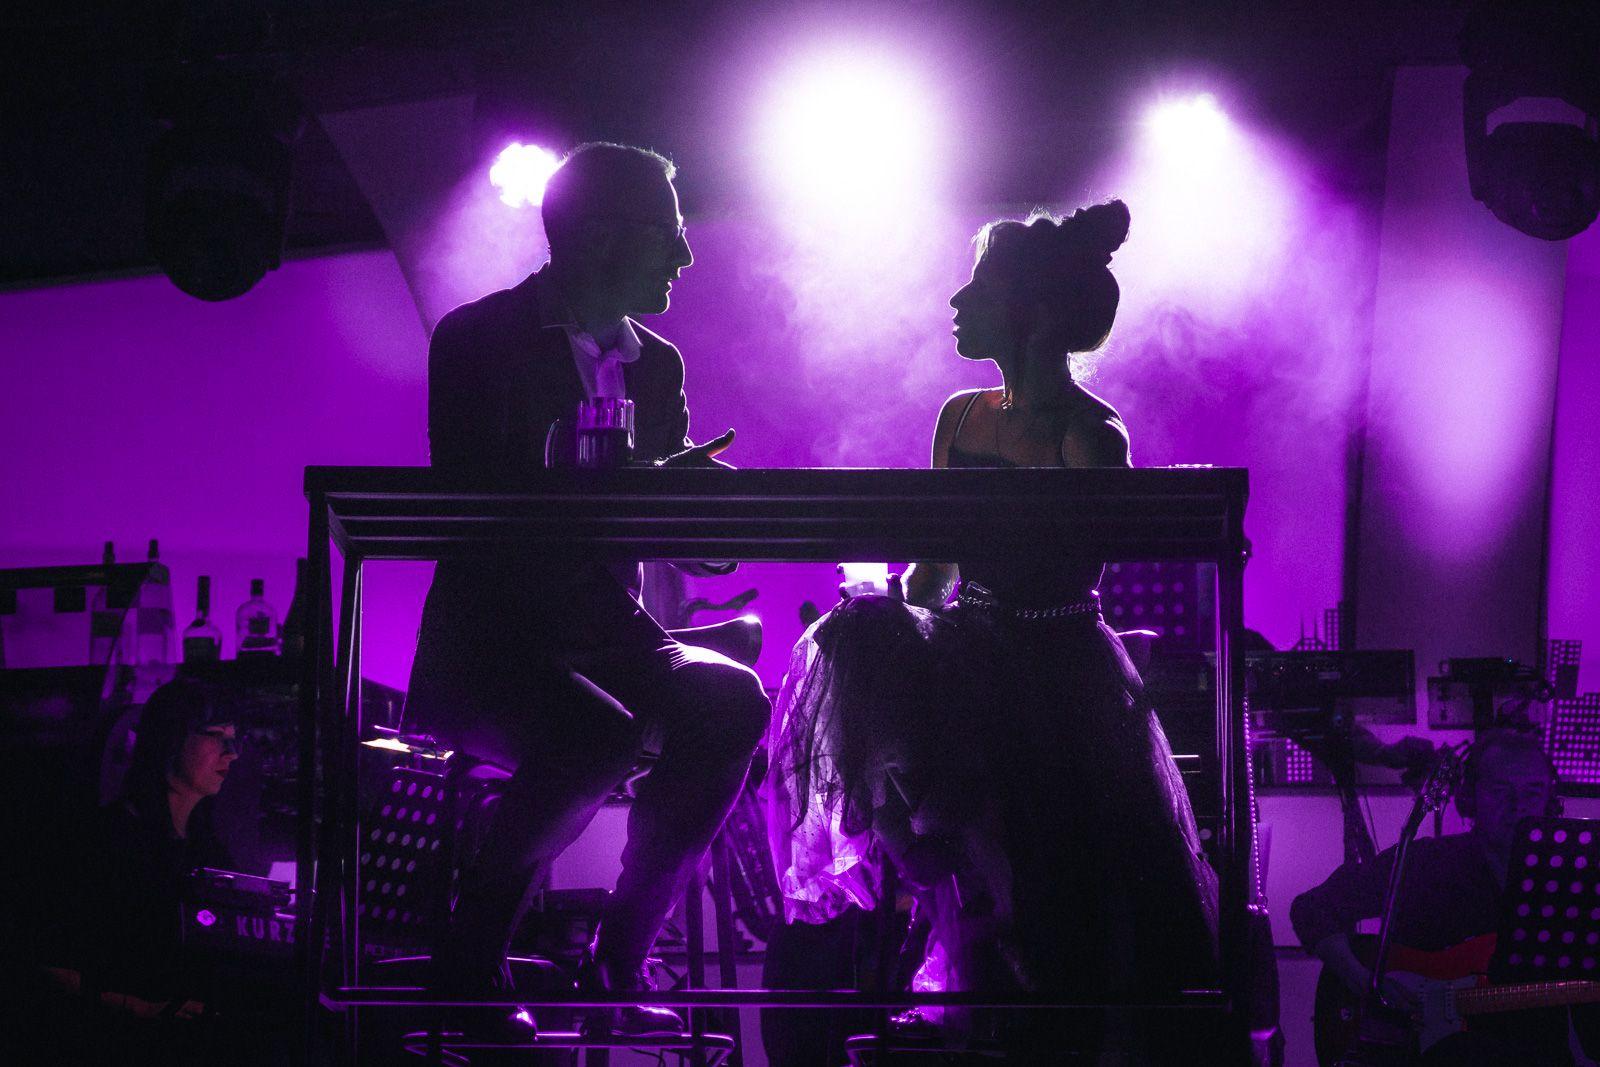 Мюзикл за столиками «Первое свидание» в Театре МДМ фото 1